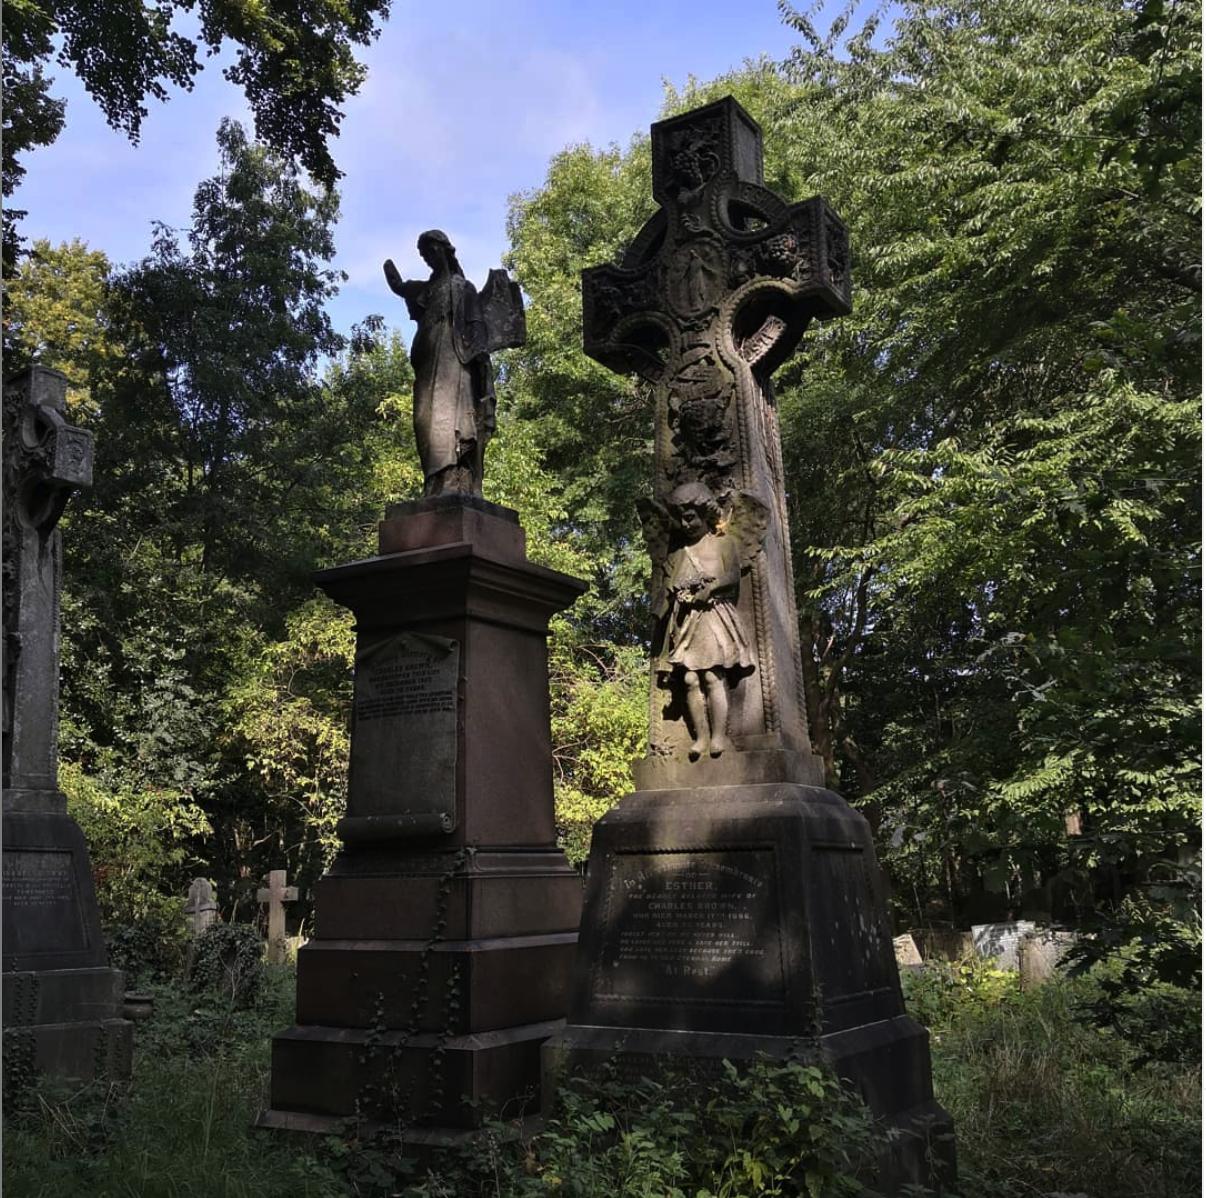 """来自""""陶尔哈姆莱茨区公墓公园之友"""" (Friends of Tower Hamlet Cemetery Park) 社交媒体"""